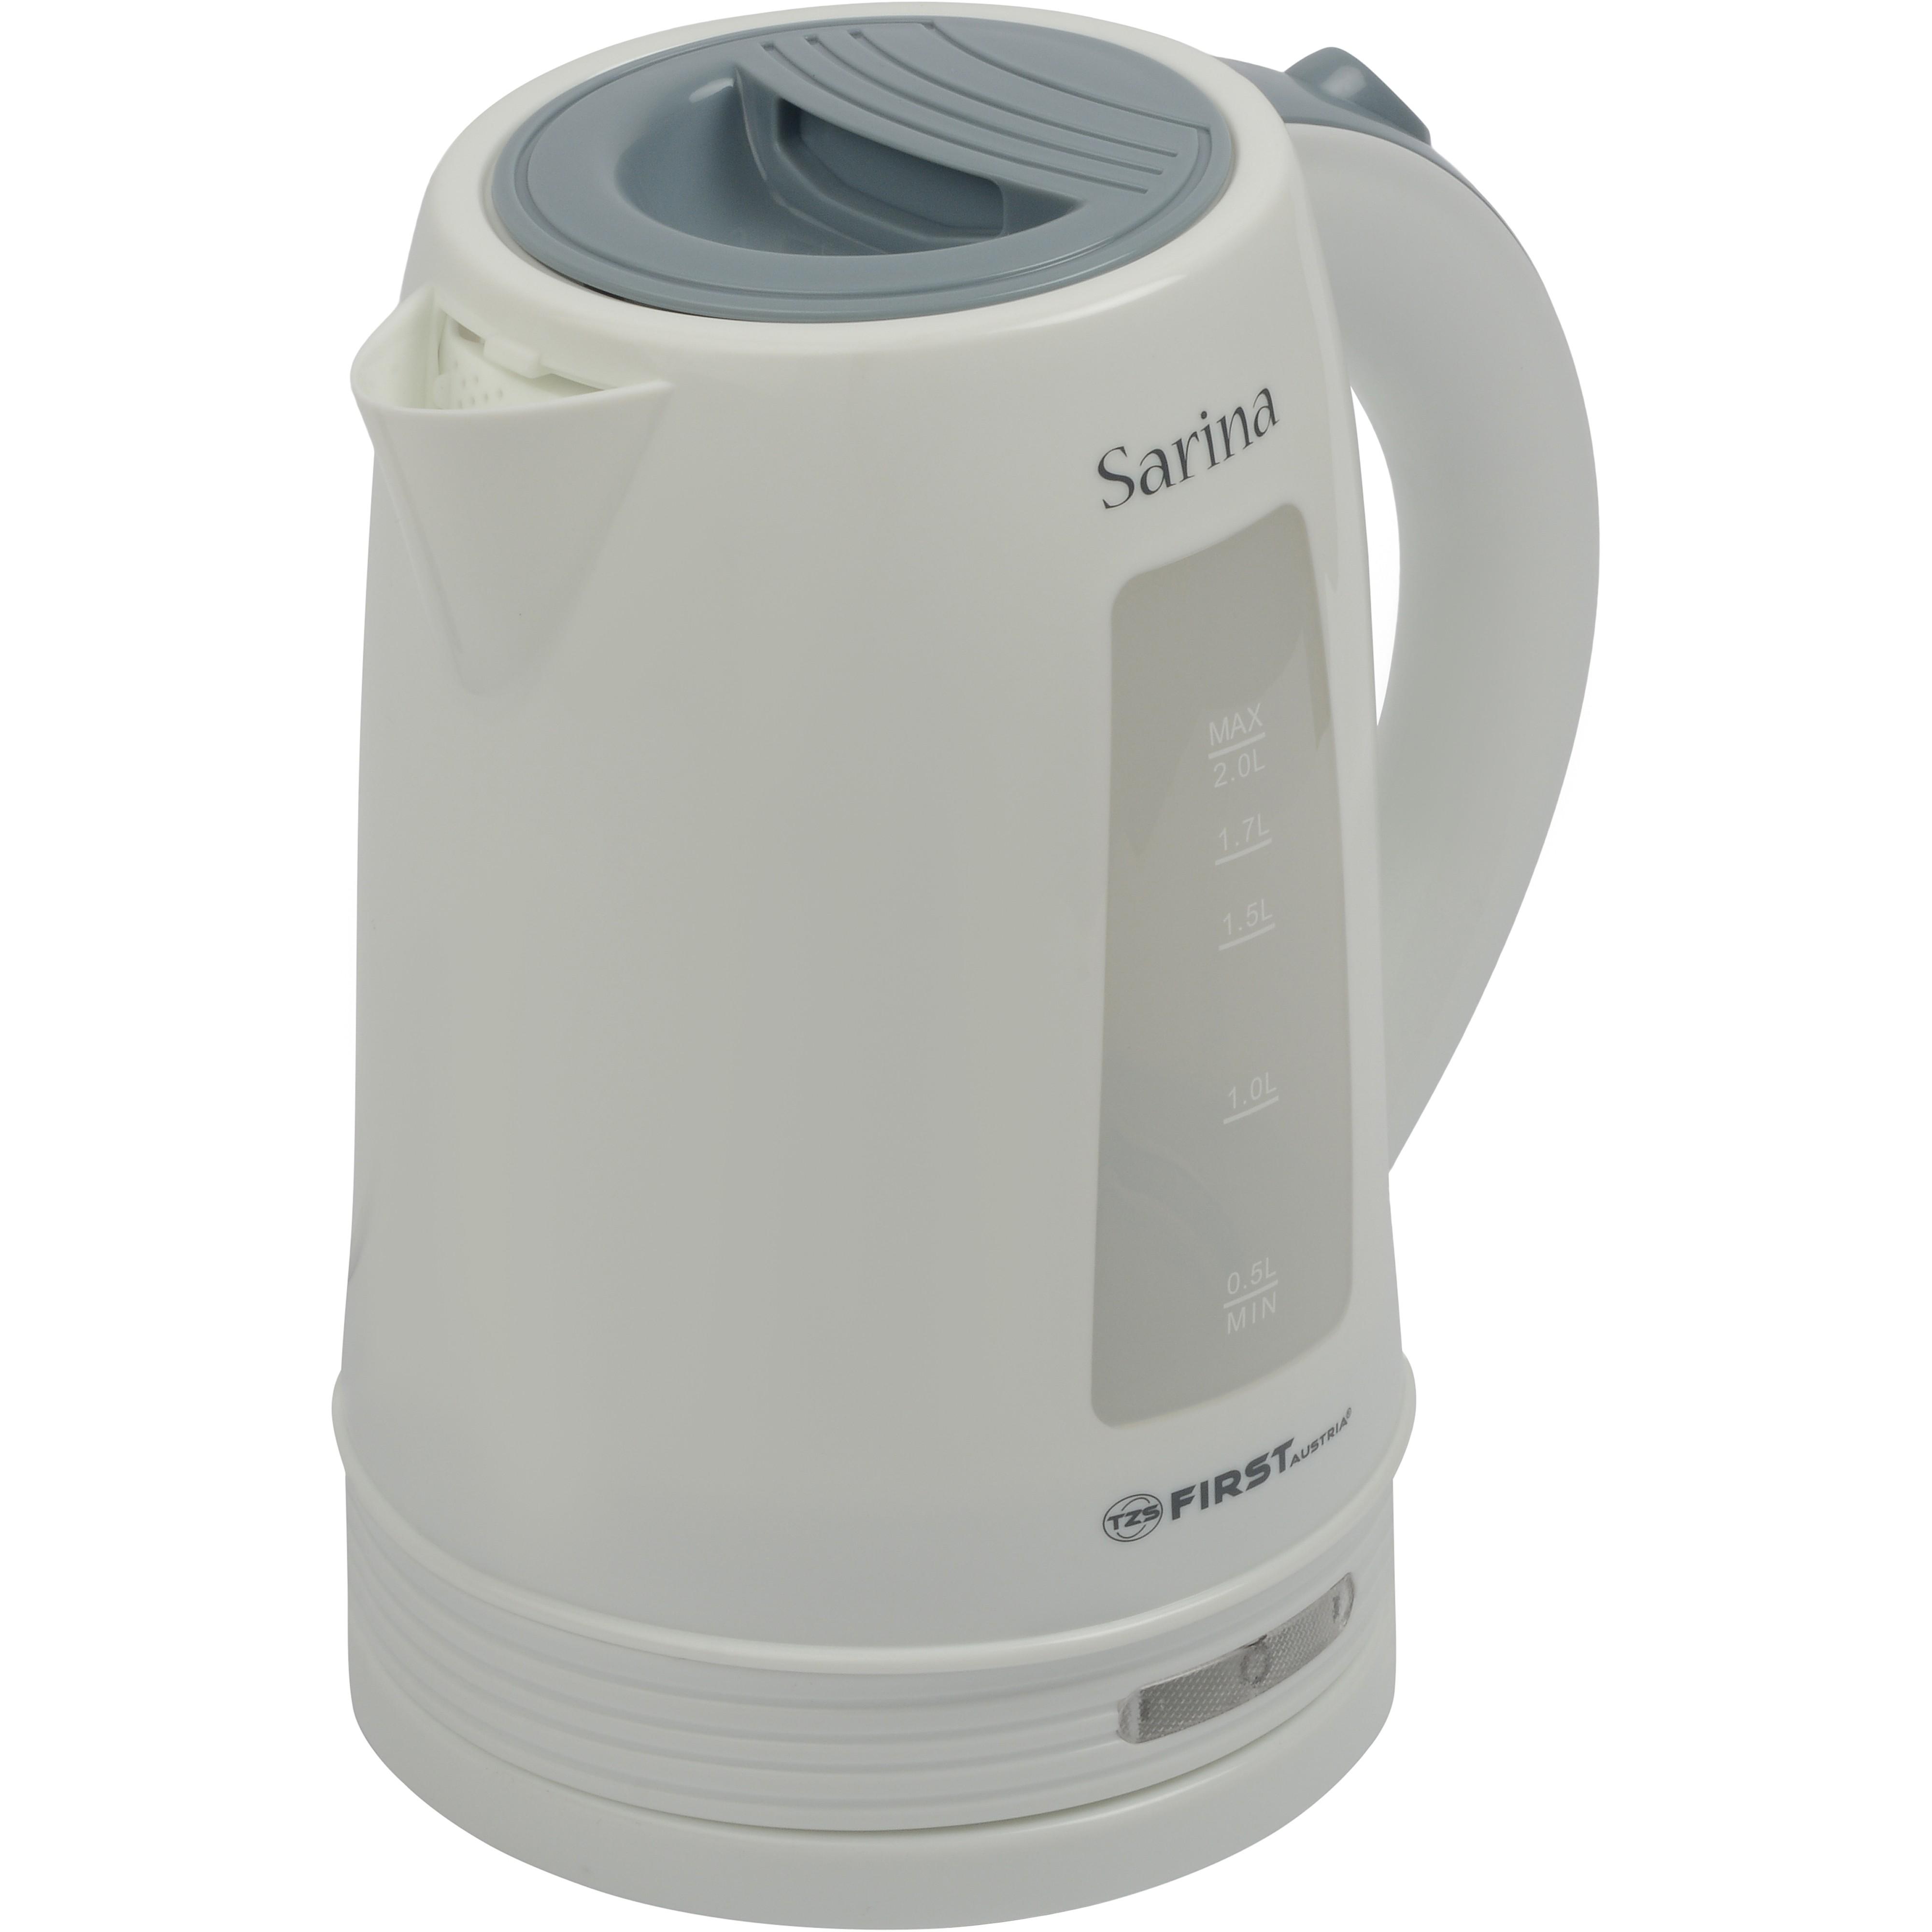 Чайник FIRST 5421-2-WI WhiteЭлектрочайники и термопоты<br>Электрический чайник - необходимый в хозяйстве прибор. Если вы ищите недорогой чайник с большим объемом, который быстро вскипятит воду, обратите внимание на модель First FA-5421-2.<br>